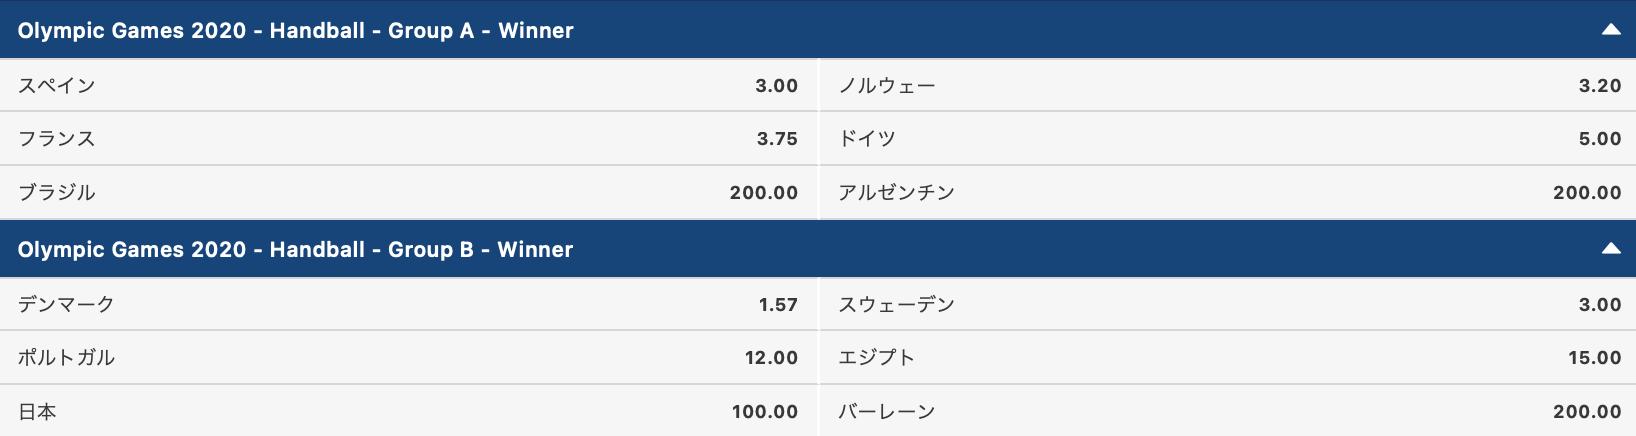 東京五輪ハンドボール男子予選ラウンド1位通過予想オッズ